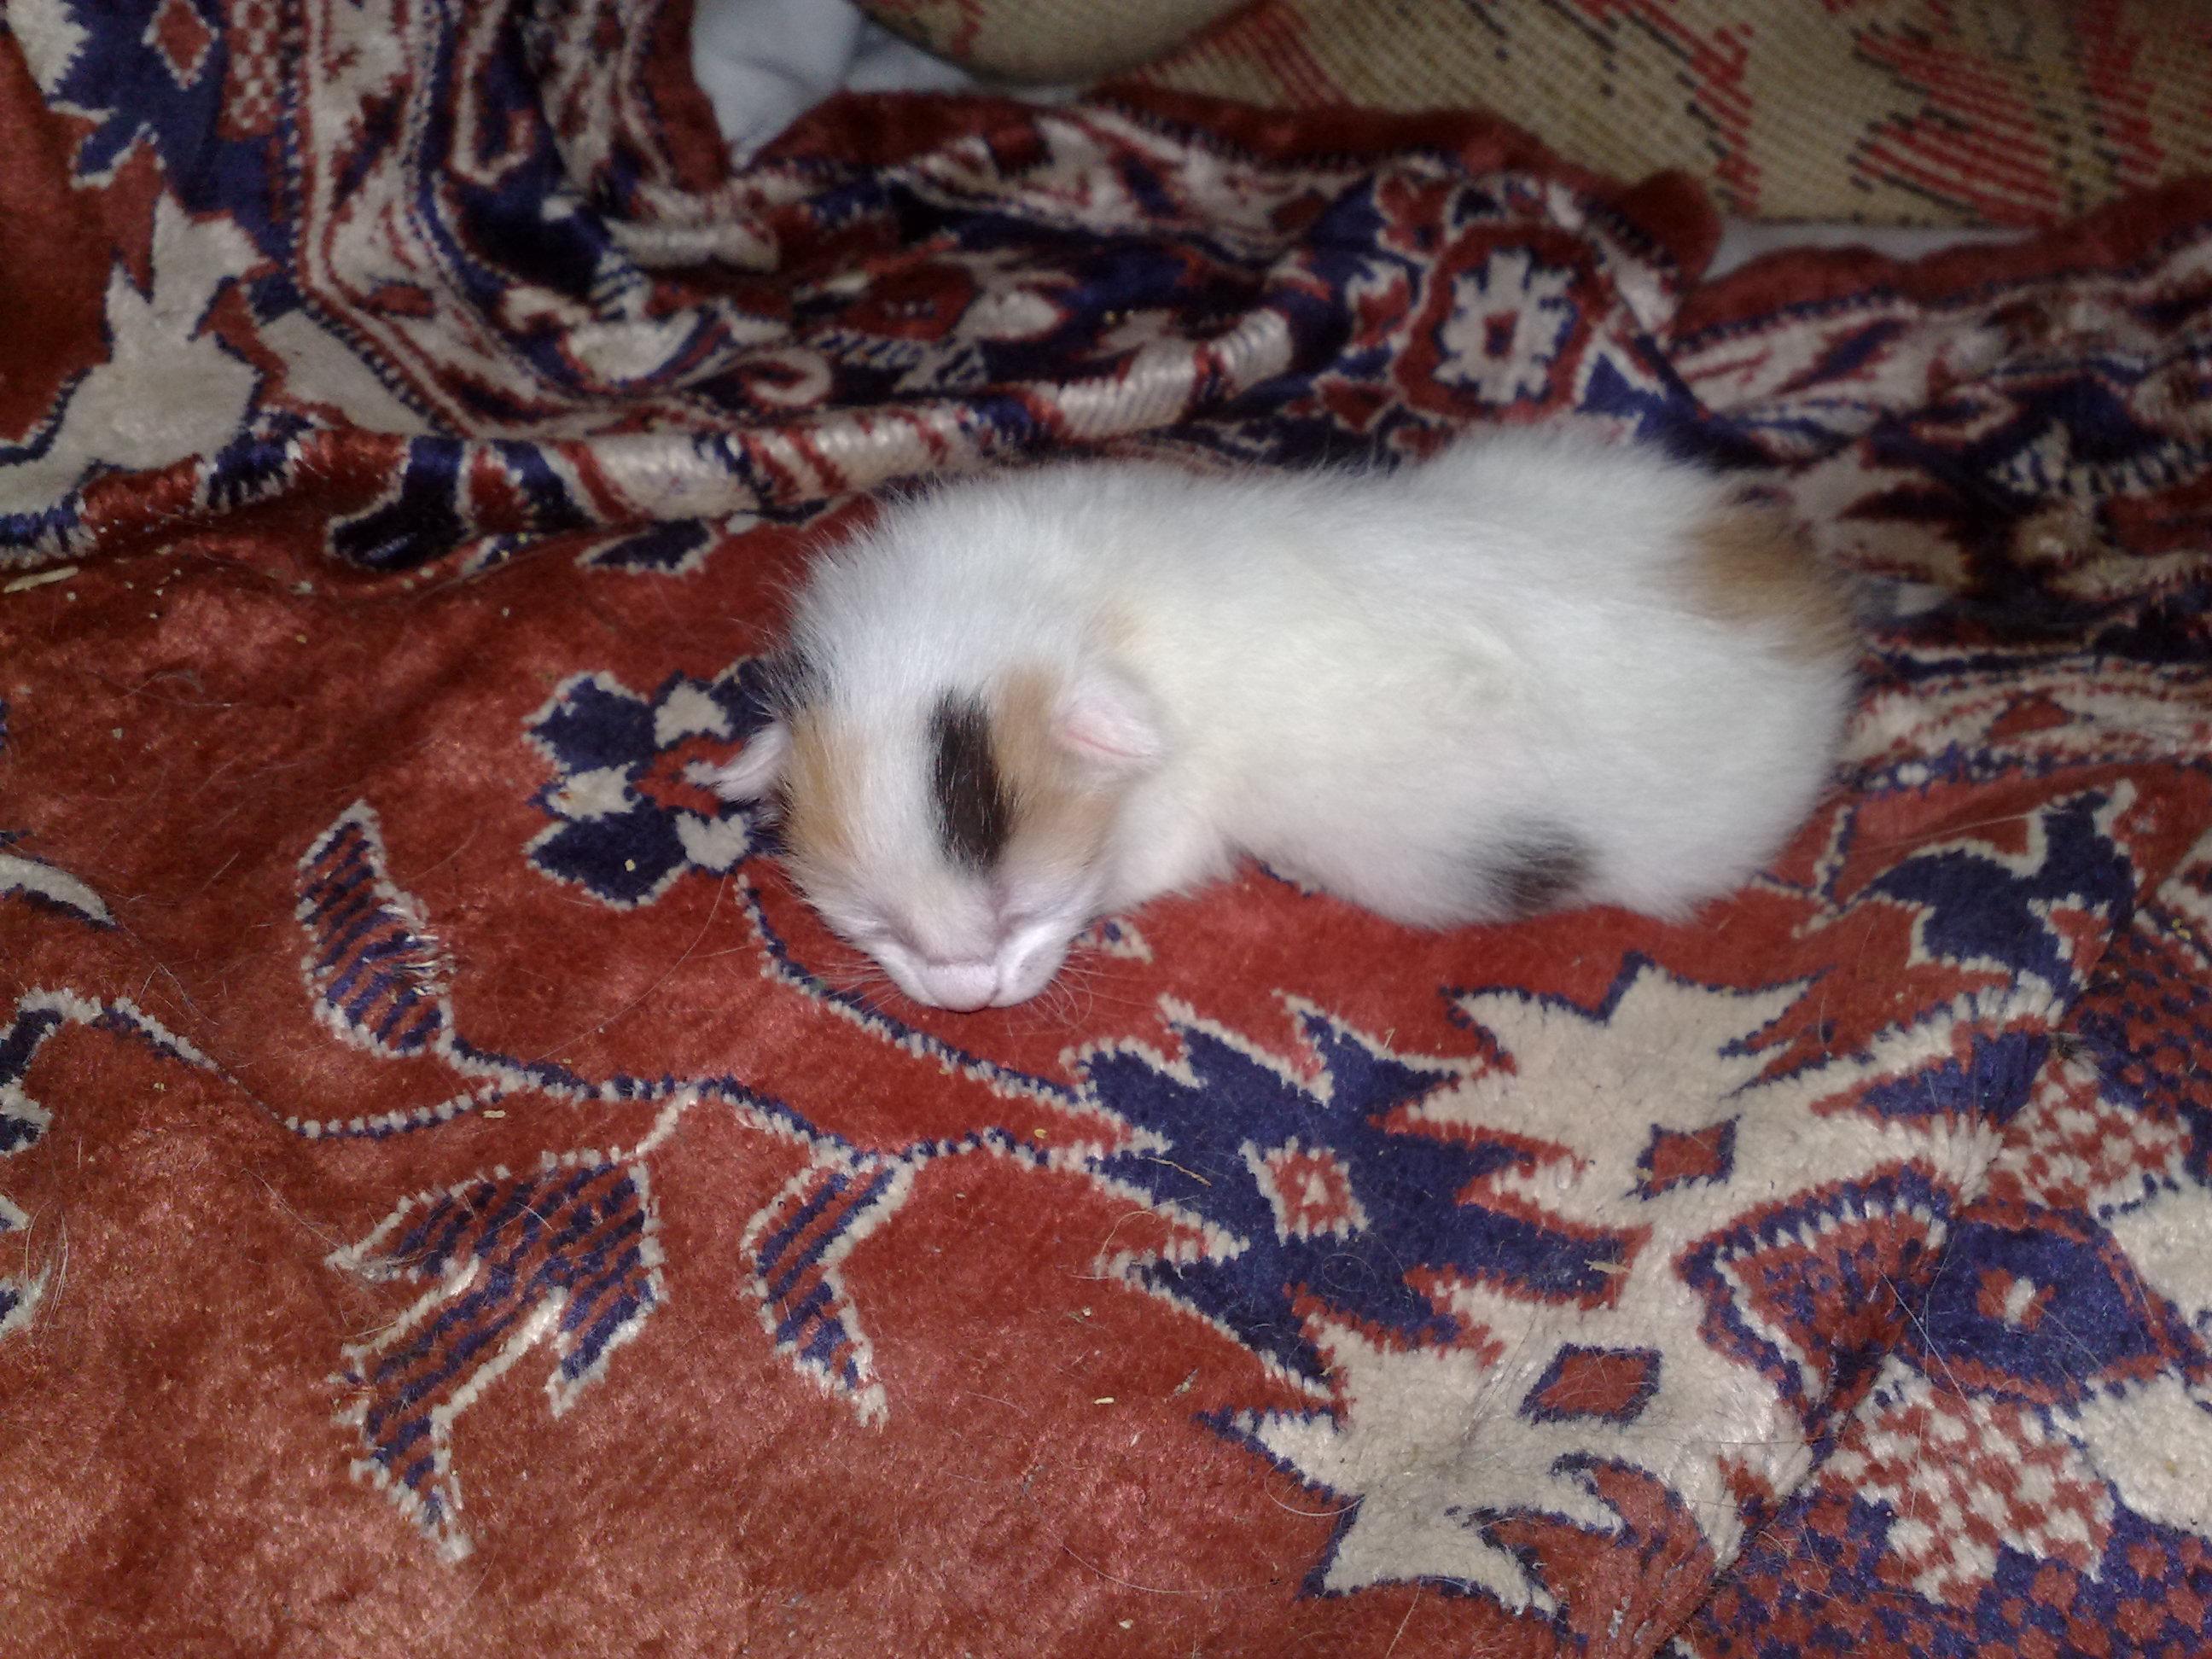 Домашние любимцы Кошки и Собаки - Страница 18 0802954001471862481